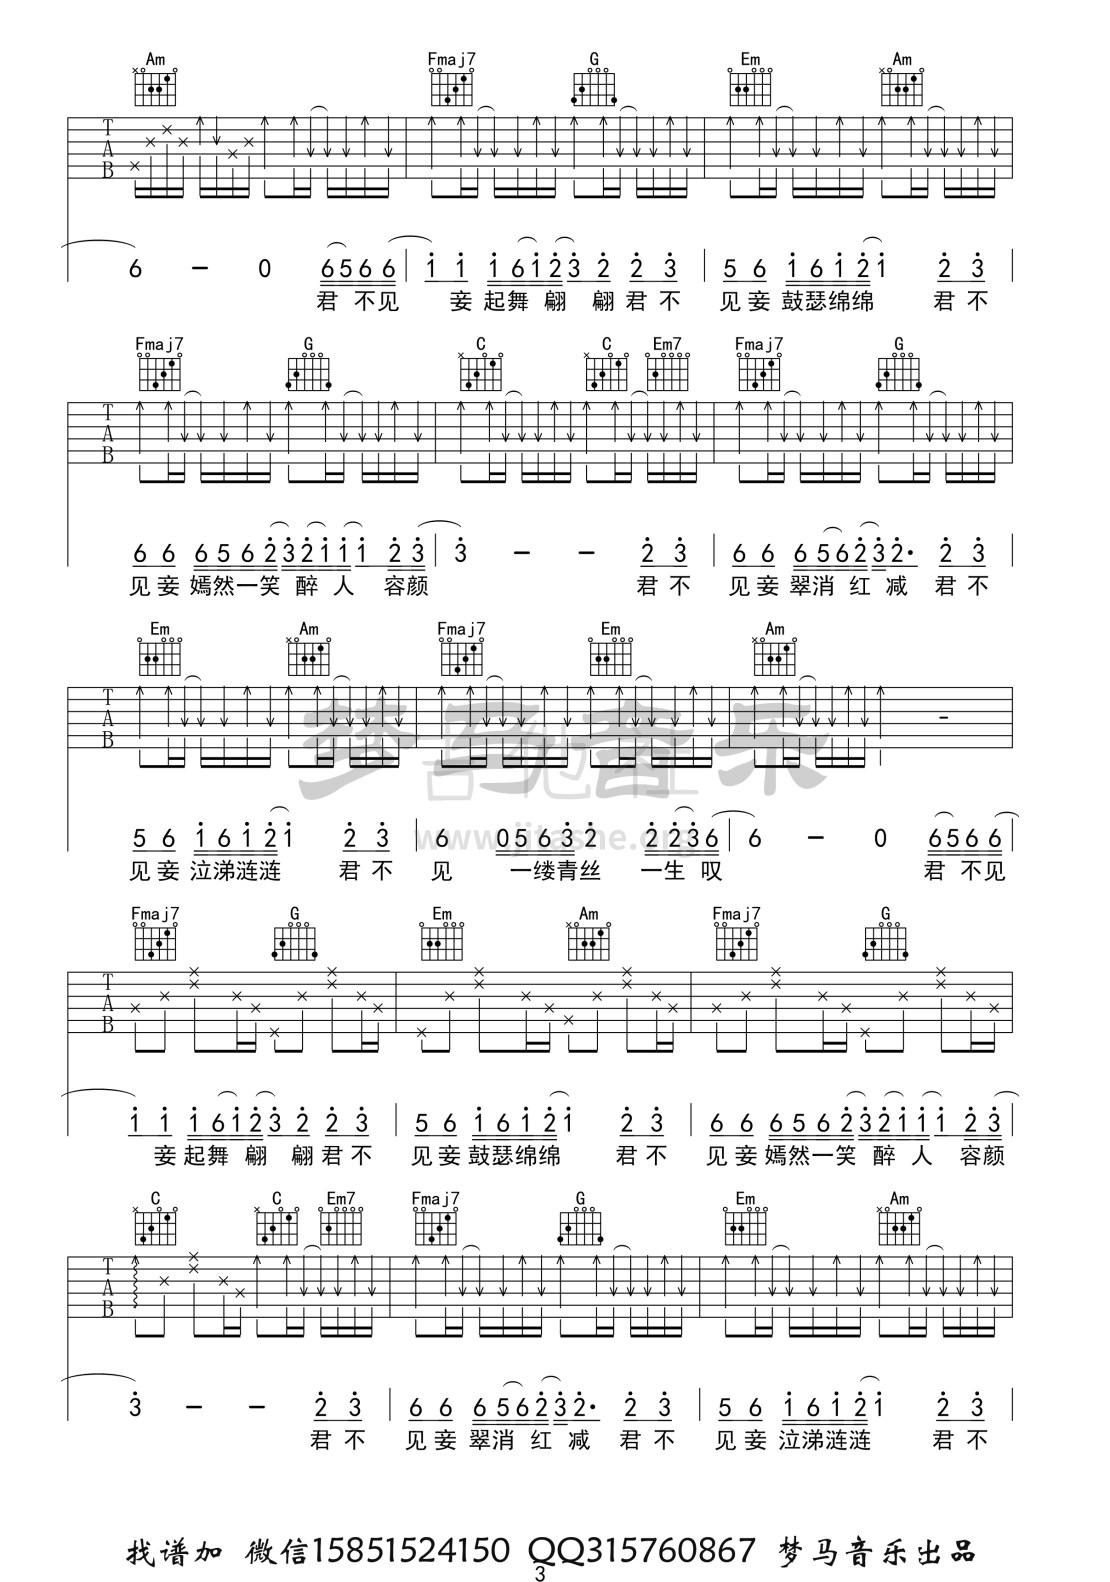 青丝吉他谱(图片谱,指弹)_等什么君_青丝-3.jpg